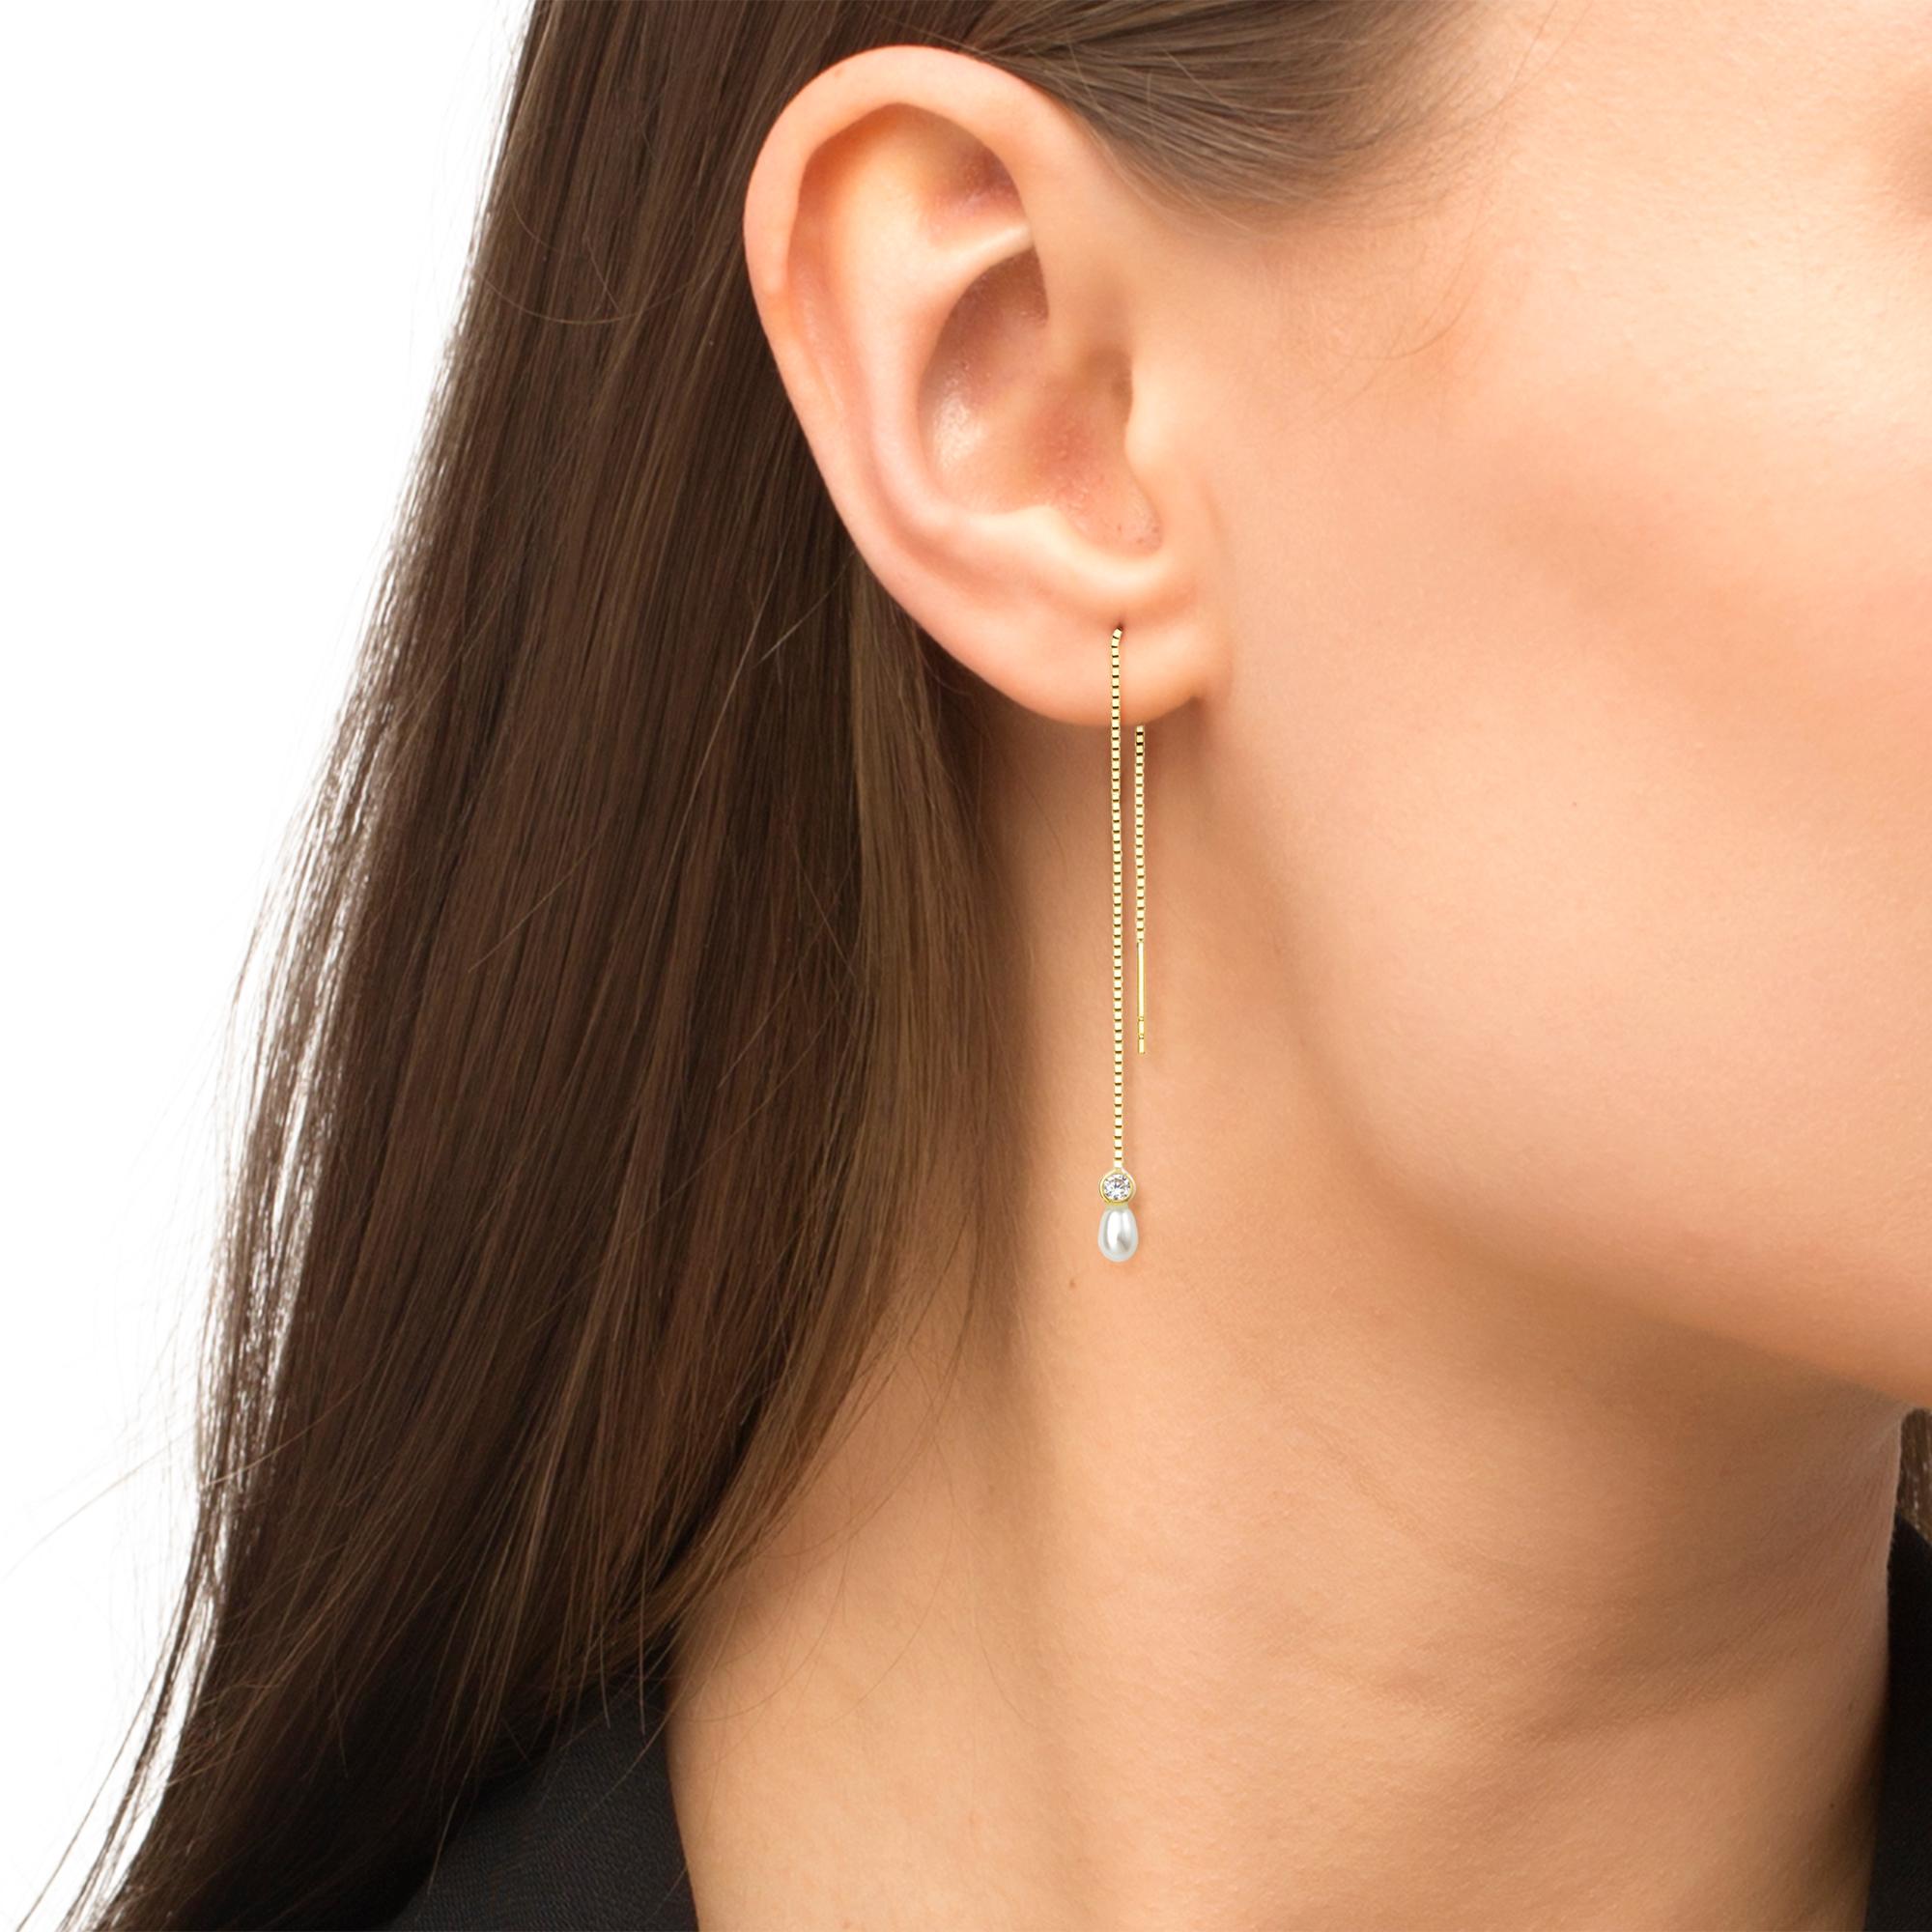 Ohrhänger für Damen, Gold 375, Zirkonia Süßwasserzuchtperle